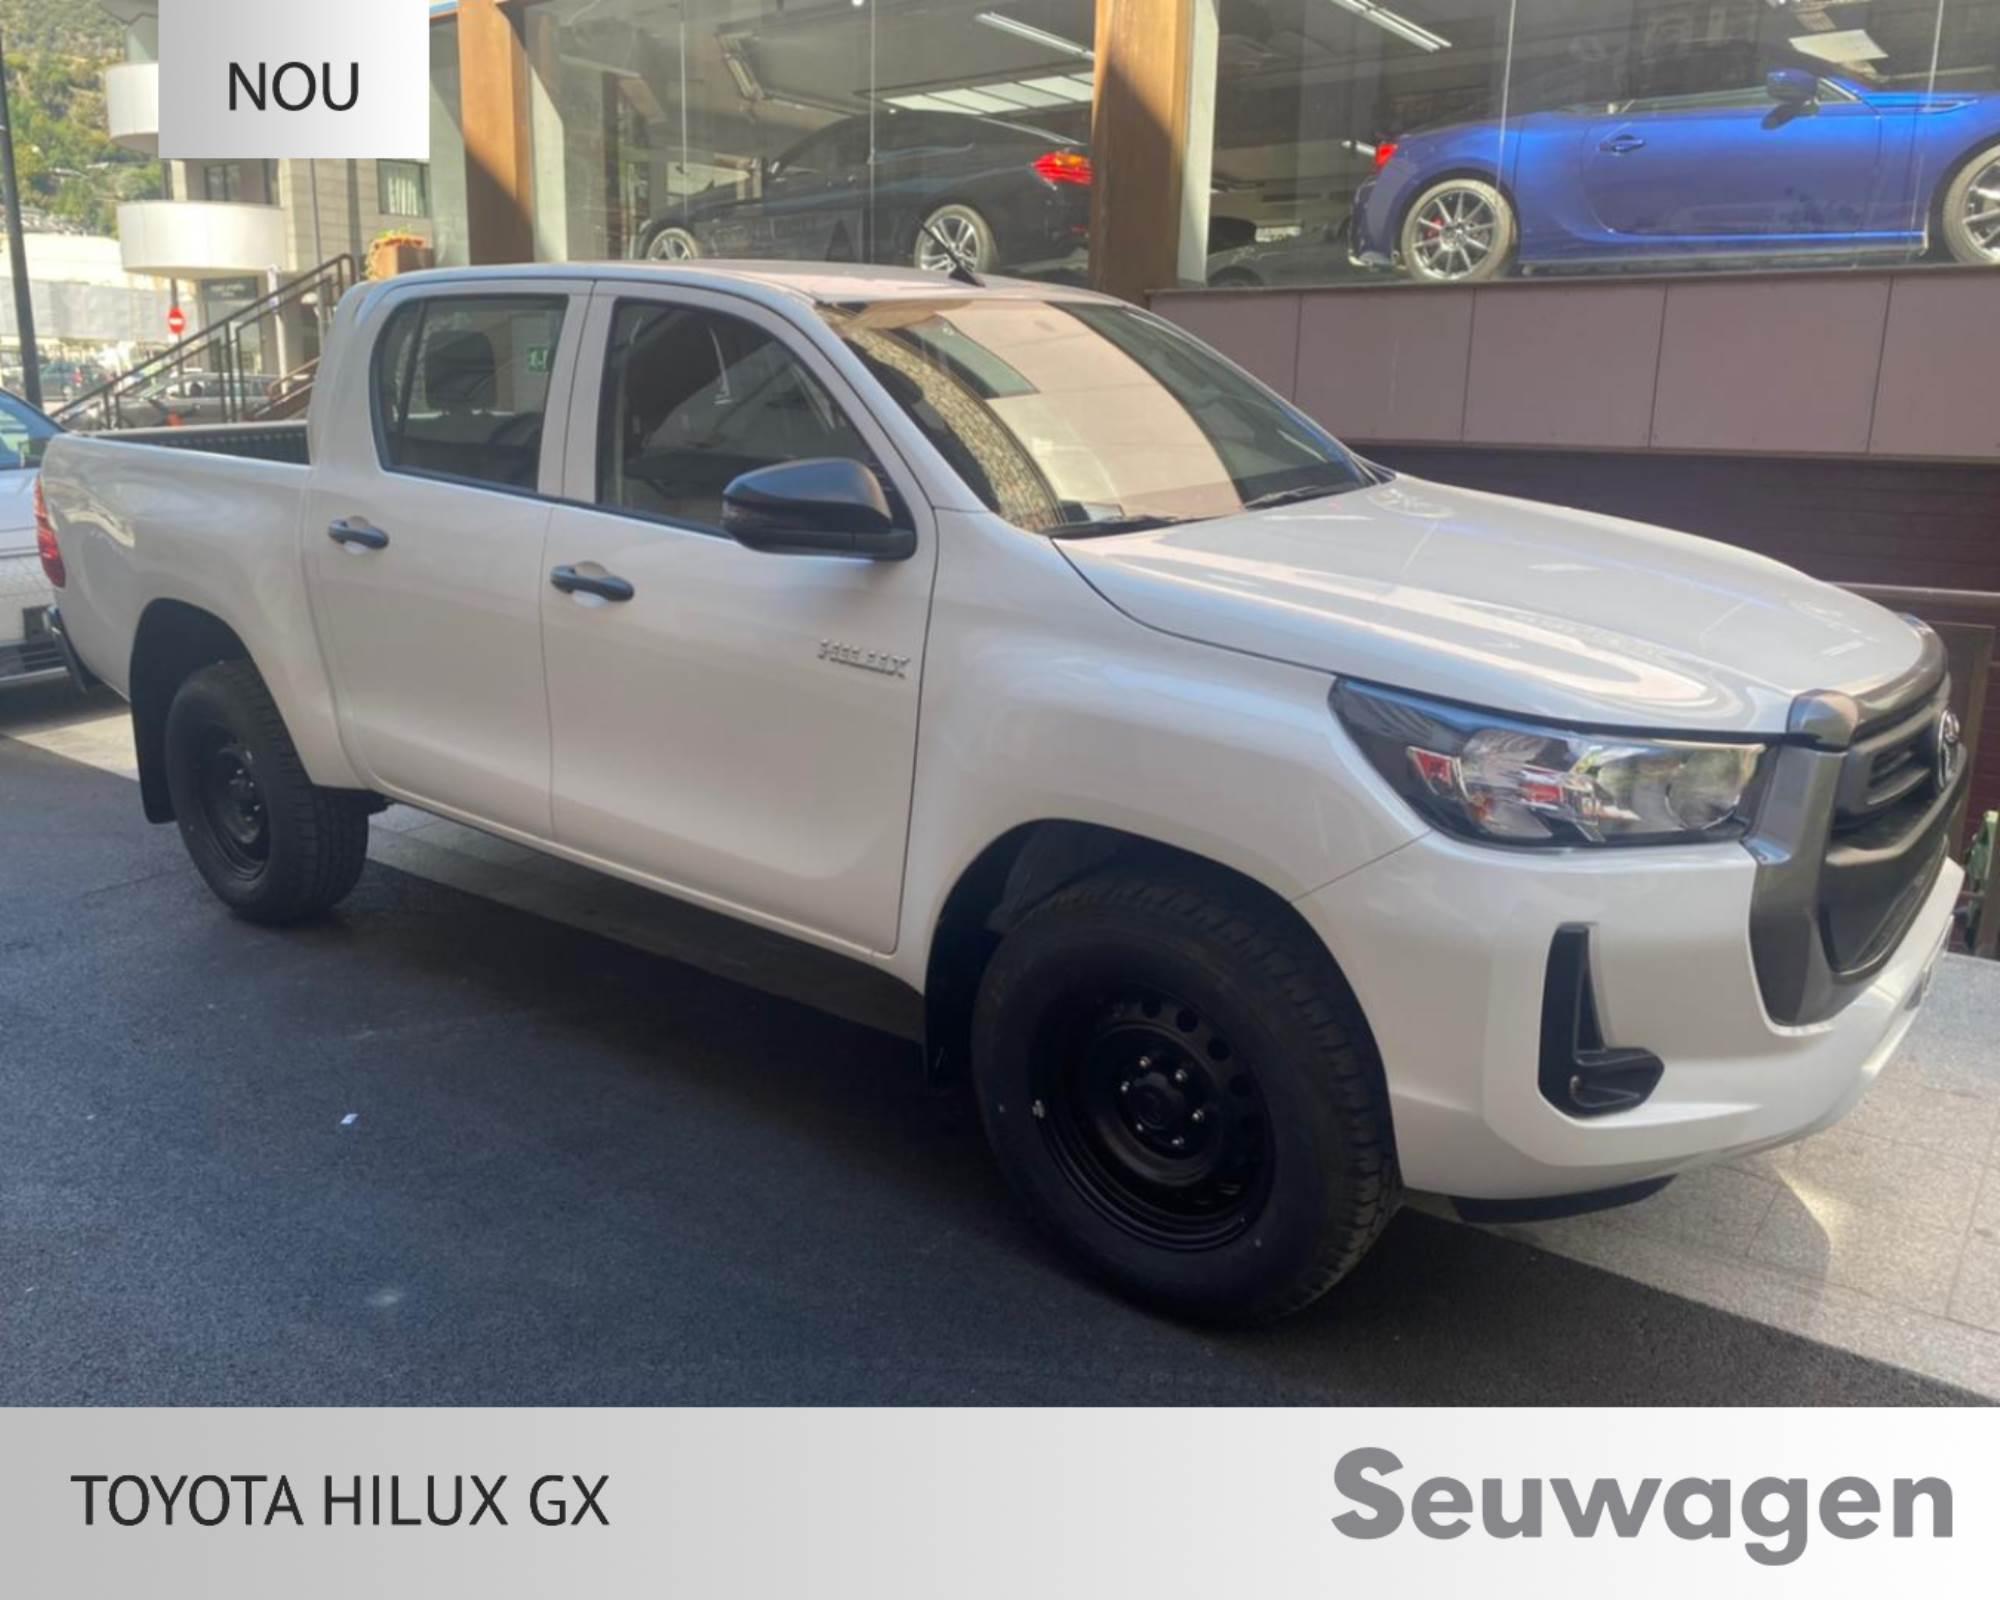 Toyota - Hilux - GX GX Benzina  2021  00 Km